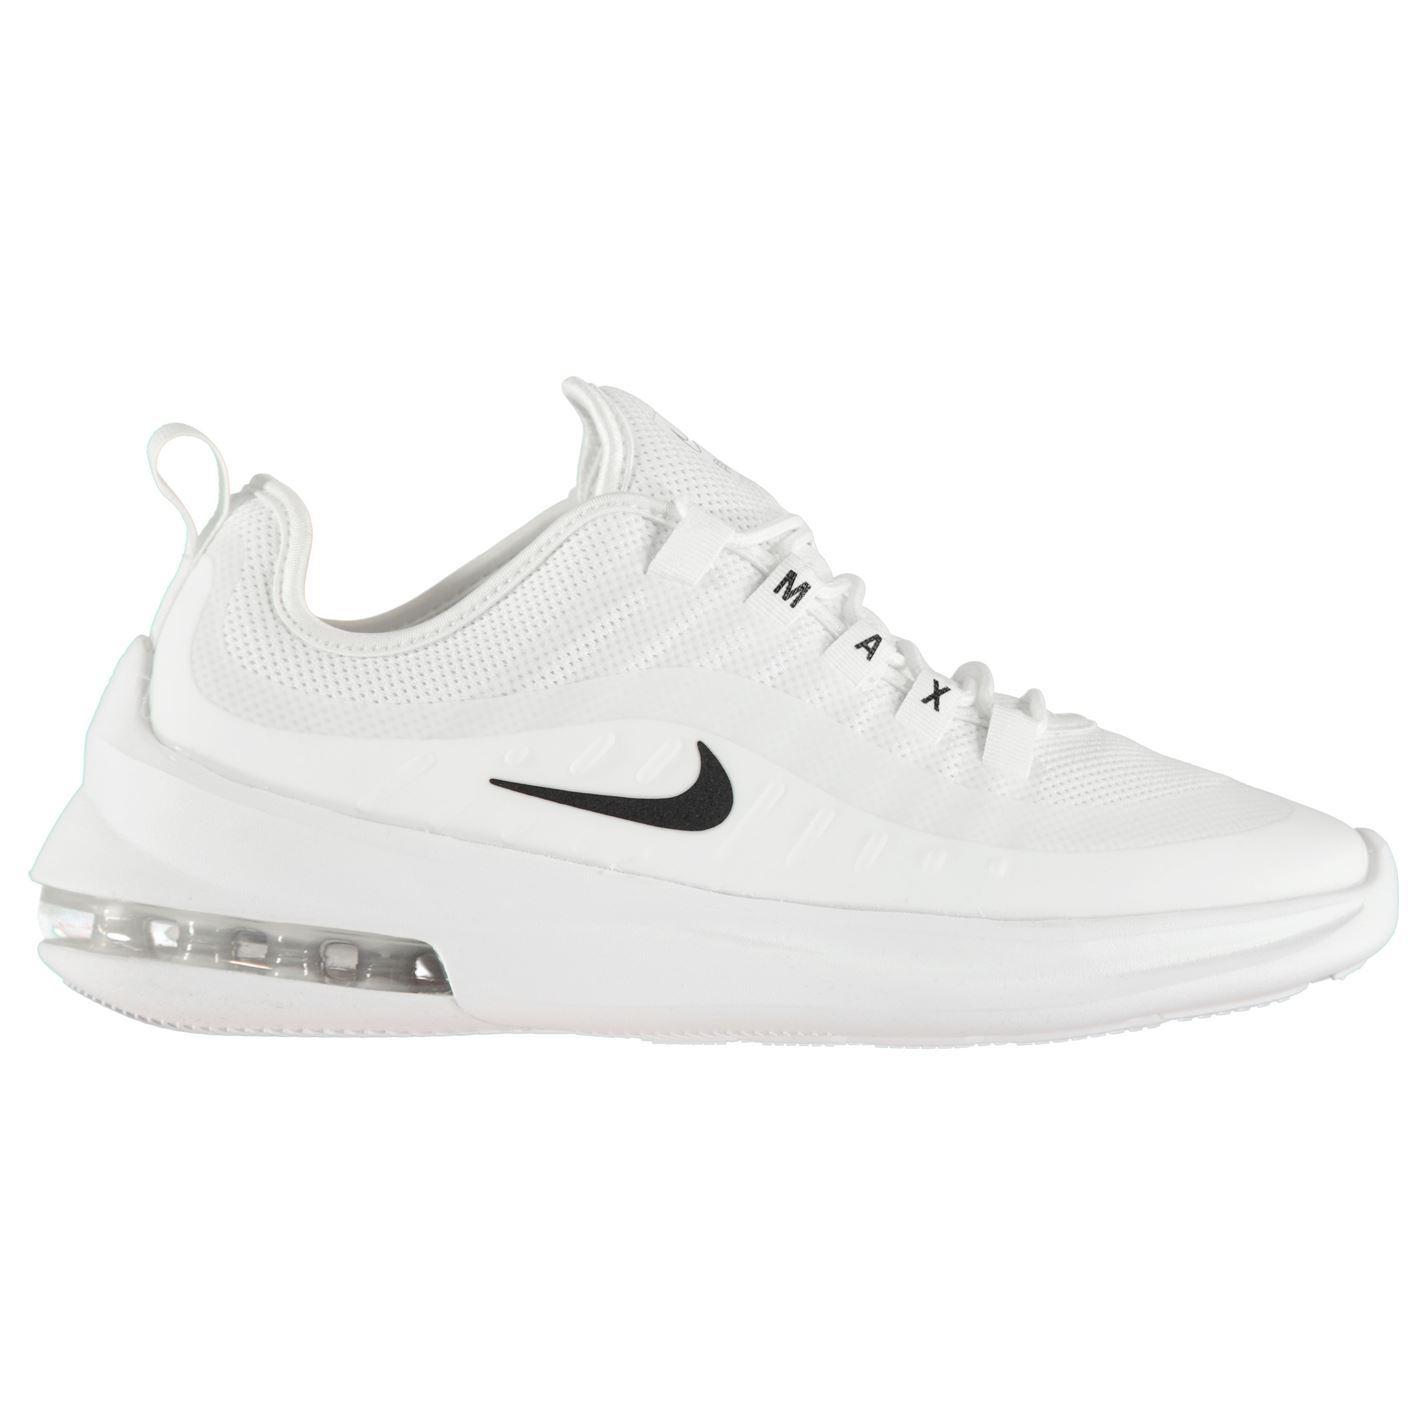 Dettagli su Nike Air Max Asse Allenamento Scarpe Uomo Palestra Fitness Sportive Sneakers